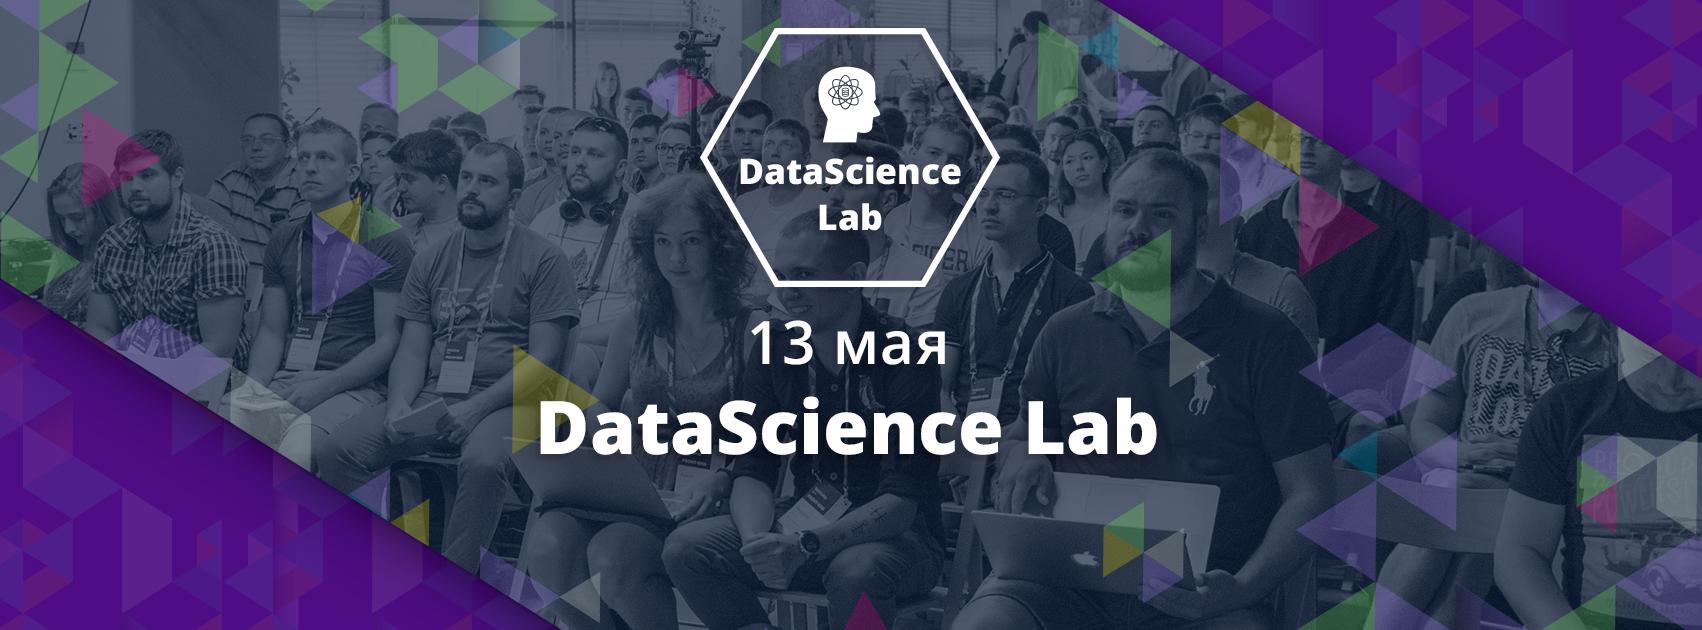 Приглашаем на IV конференцию по практическому применению науки о данных DataScience Lab 13 мая - 1